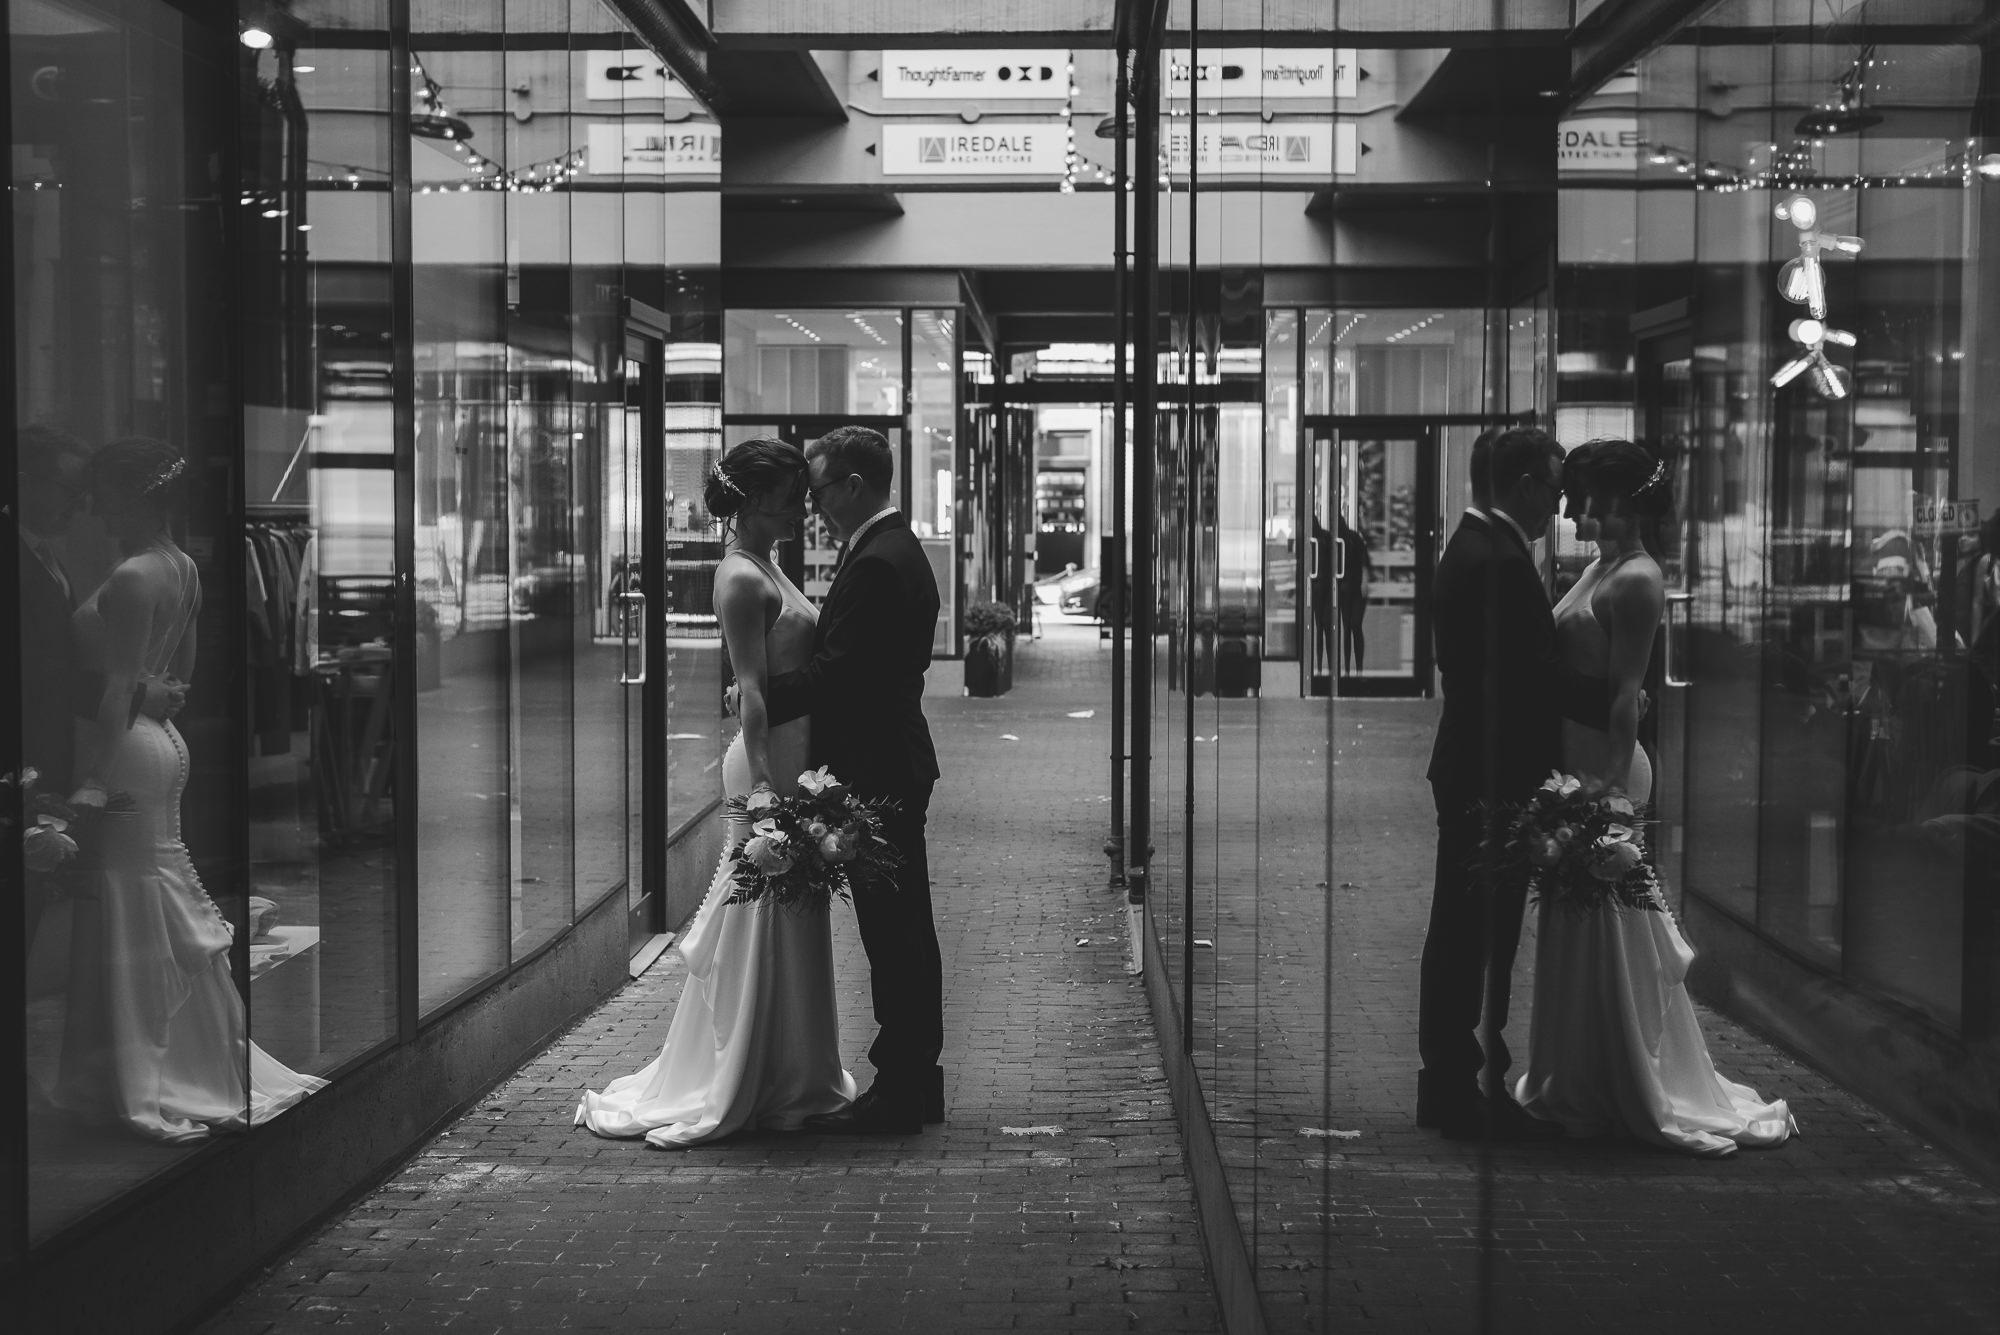 Labattoir-Gastown-wedding-photo-19.jpg